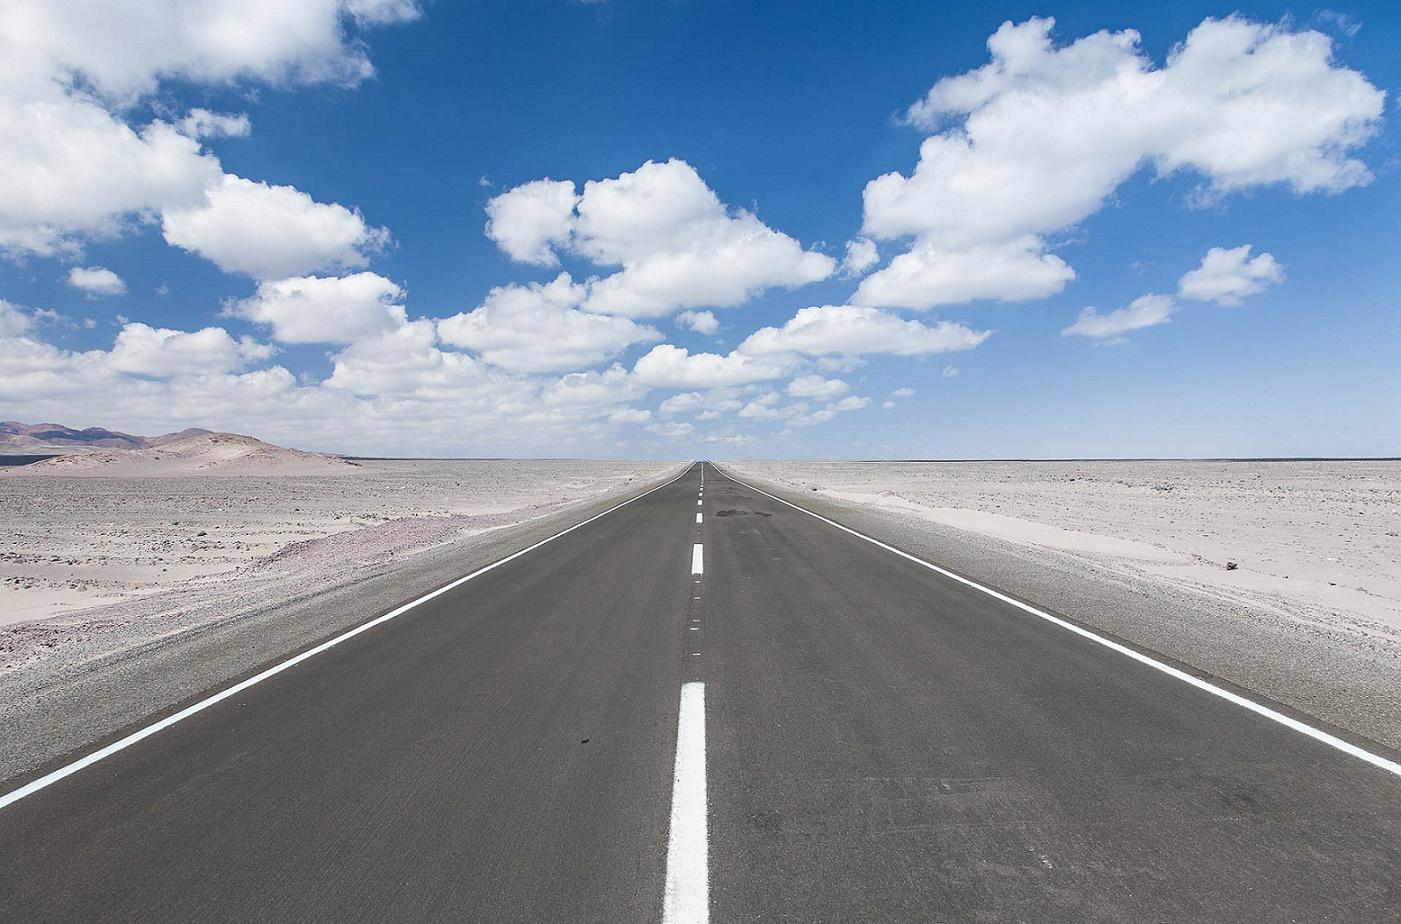 Imaginem esta estrada com alguém tagarelando ao seu lado...